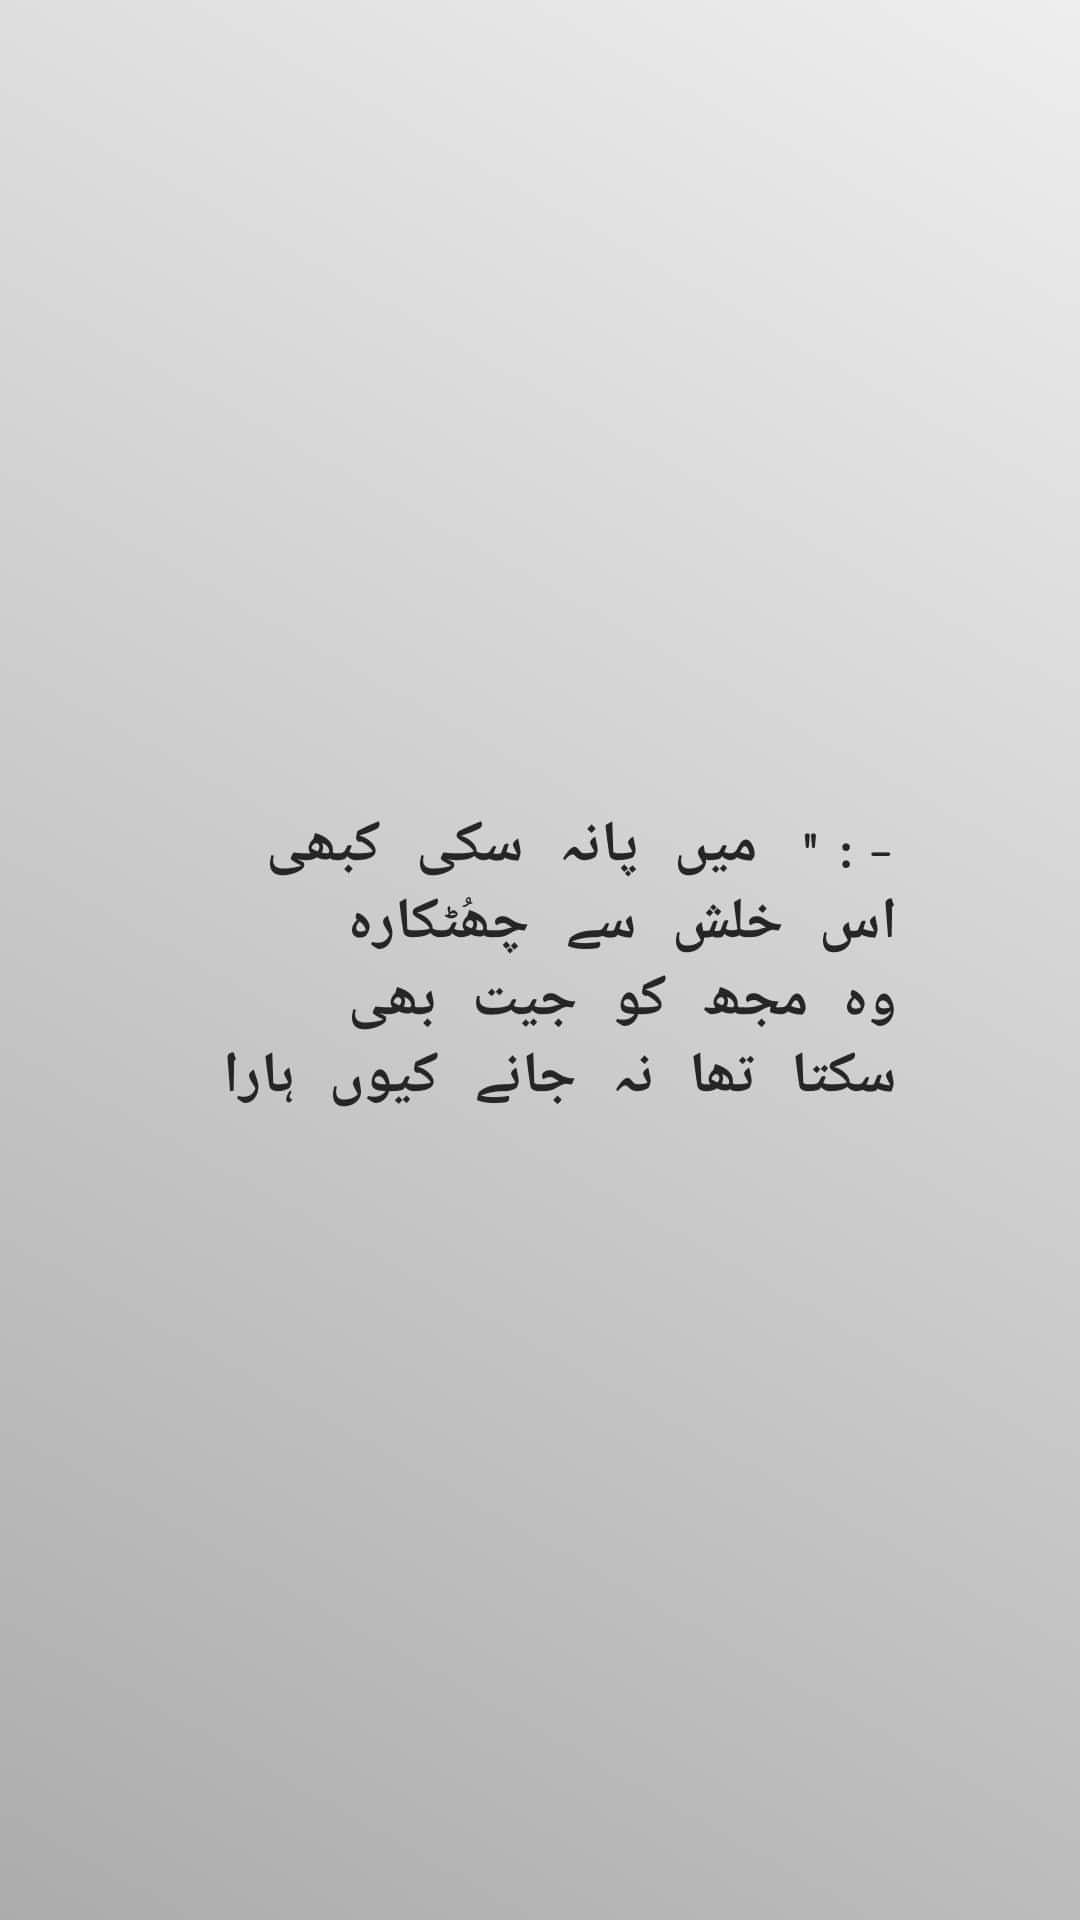 Pin By Darknees On Deep Thoughts Pinterest Urdu Poetry Poetry